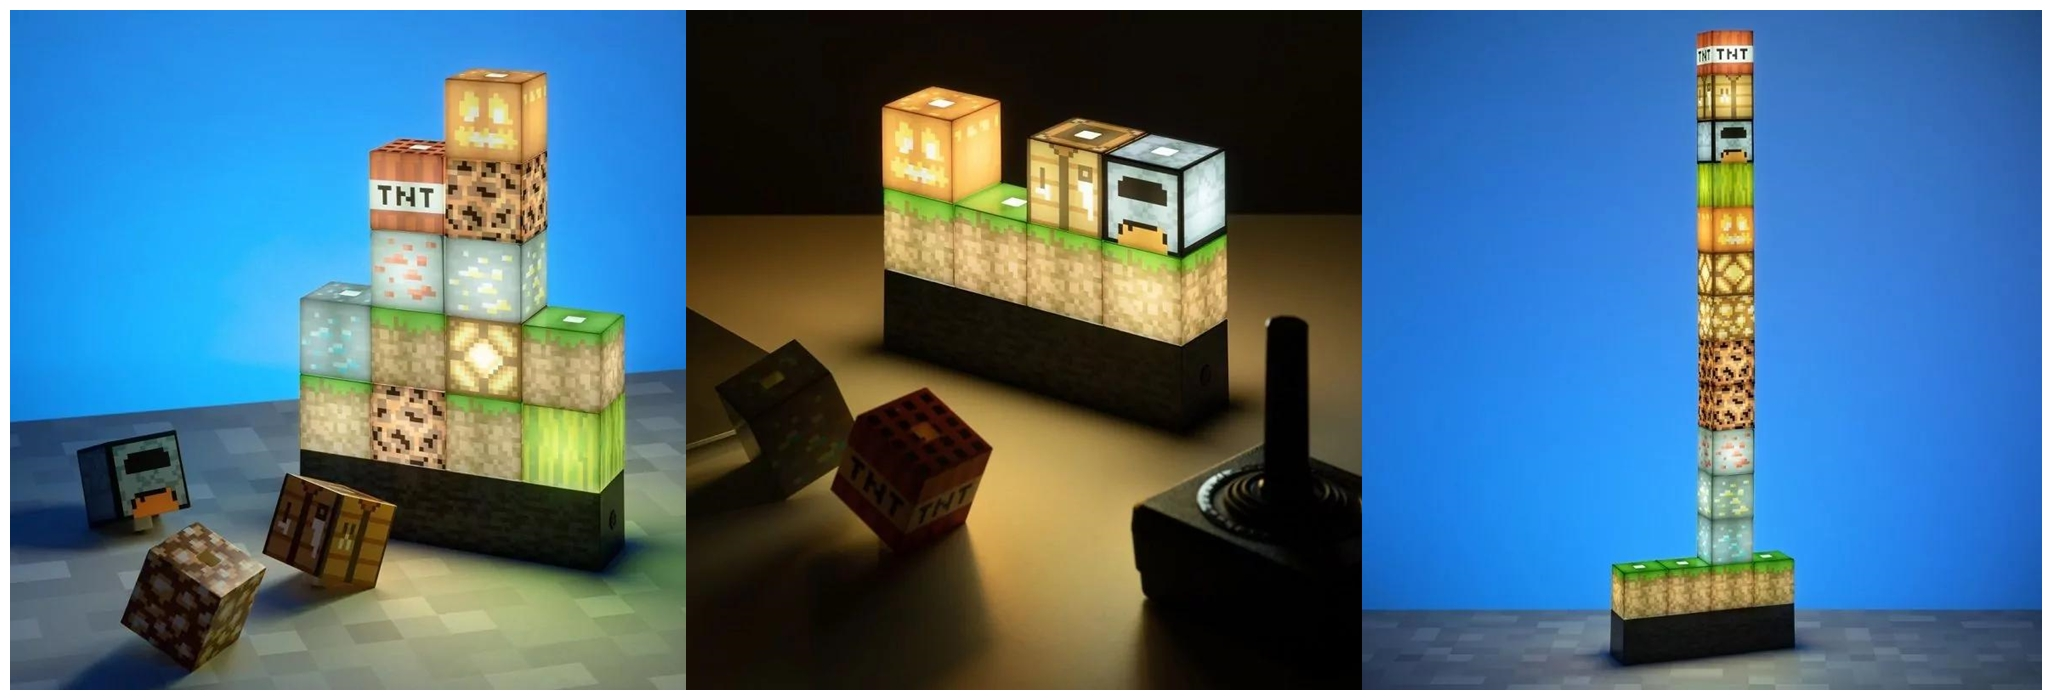 Originální lampičky s herními motivy pp6596mcf minecraft block building light square lifestyle 51 horz